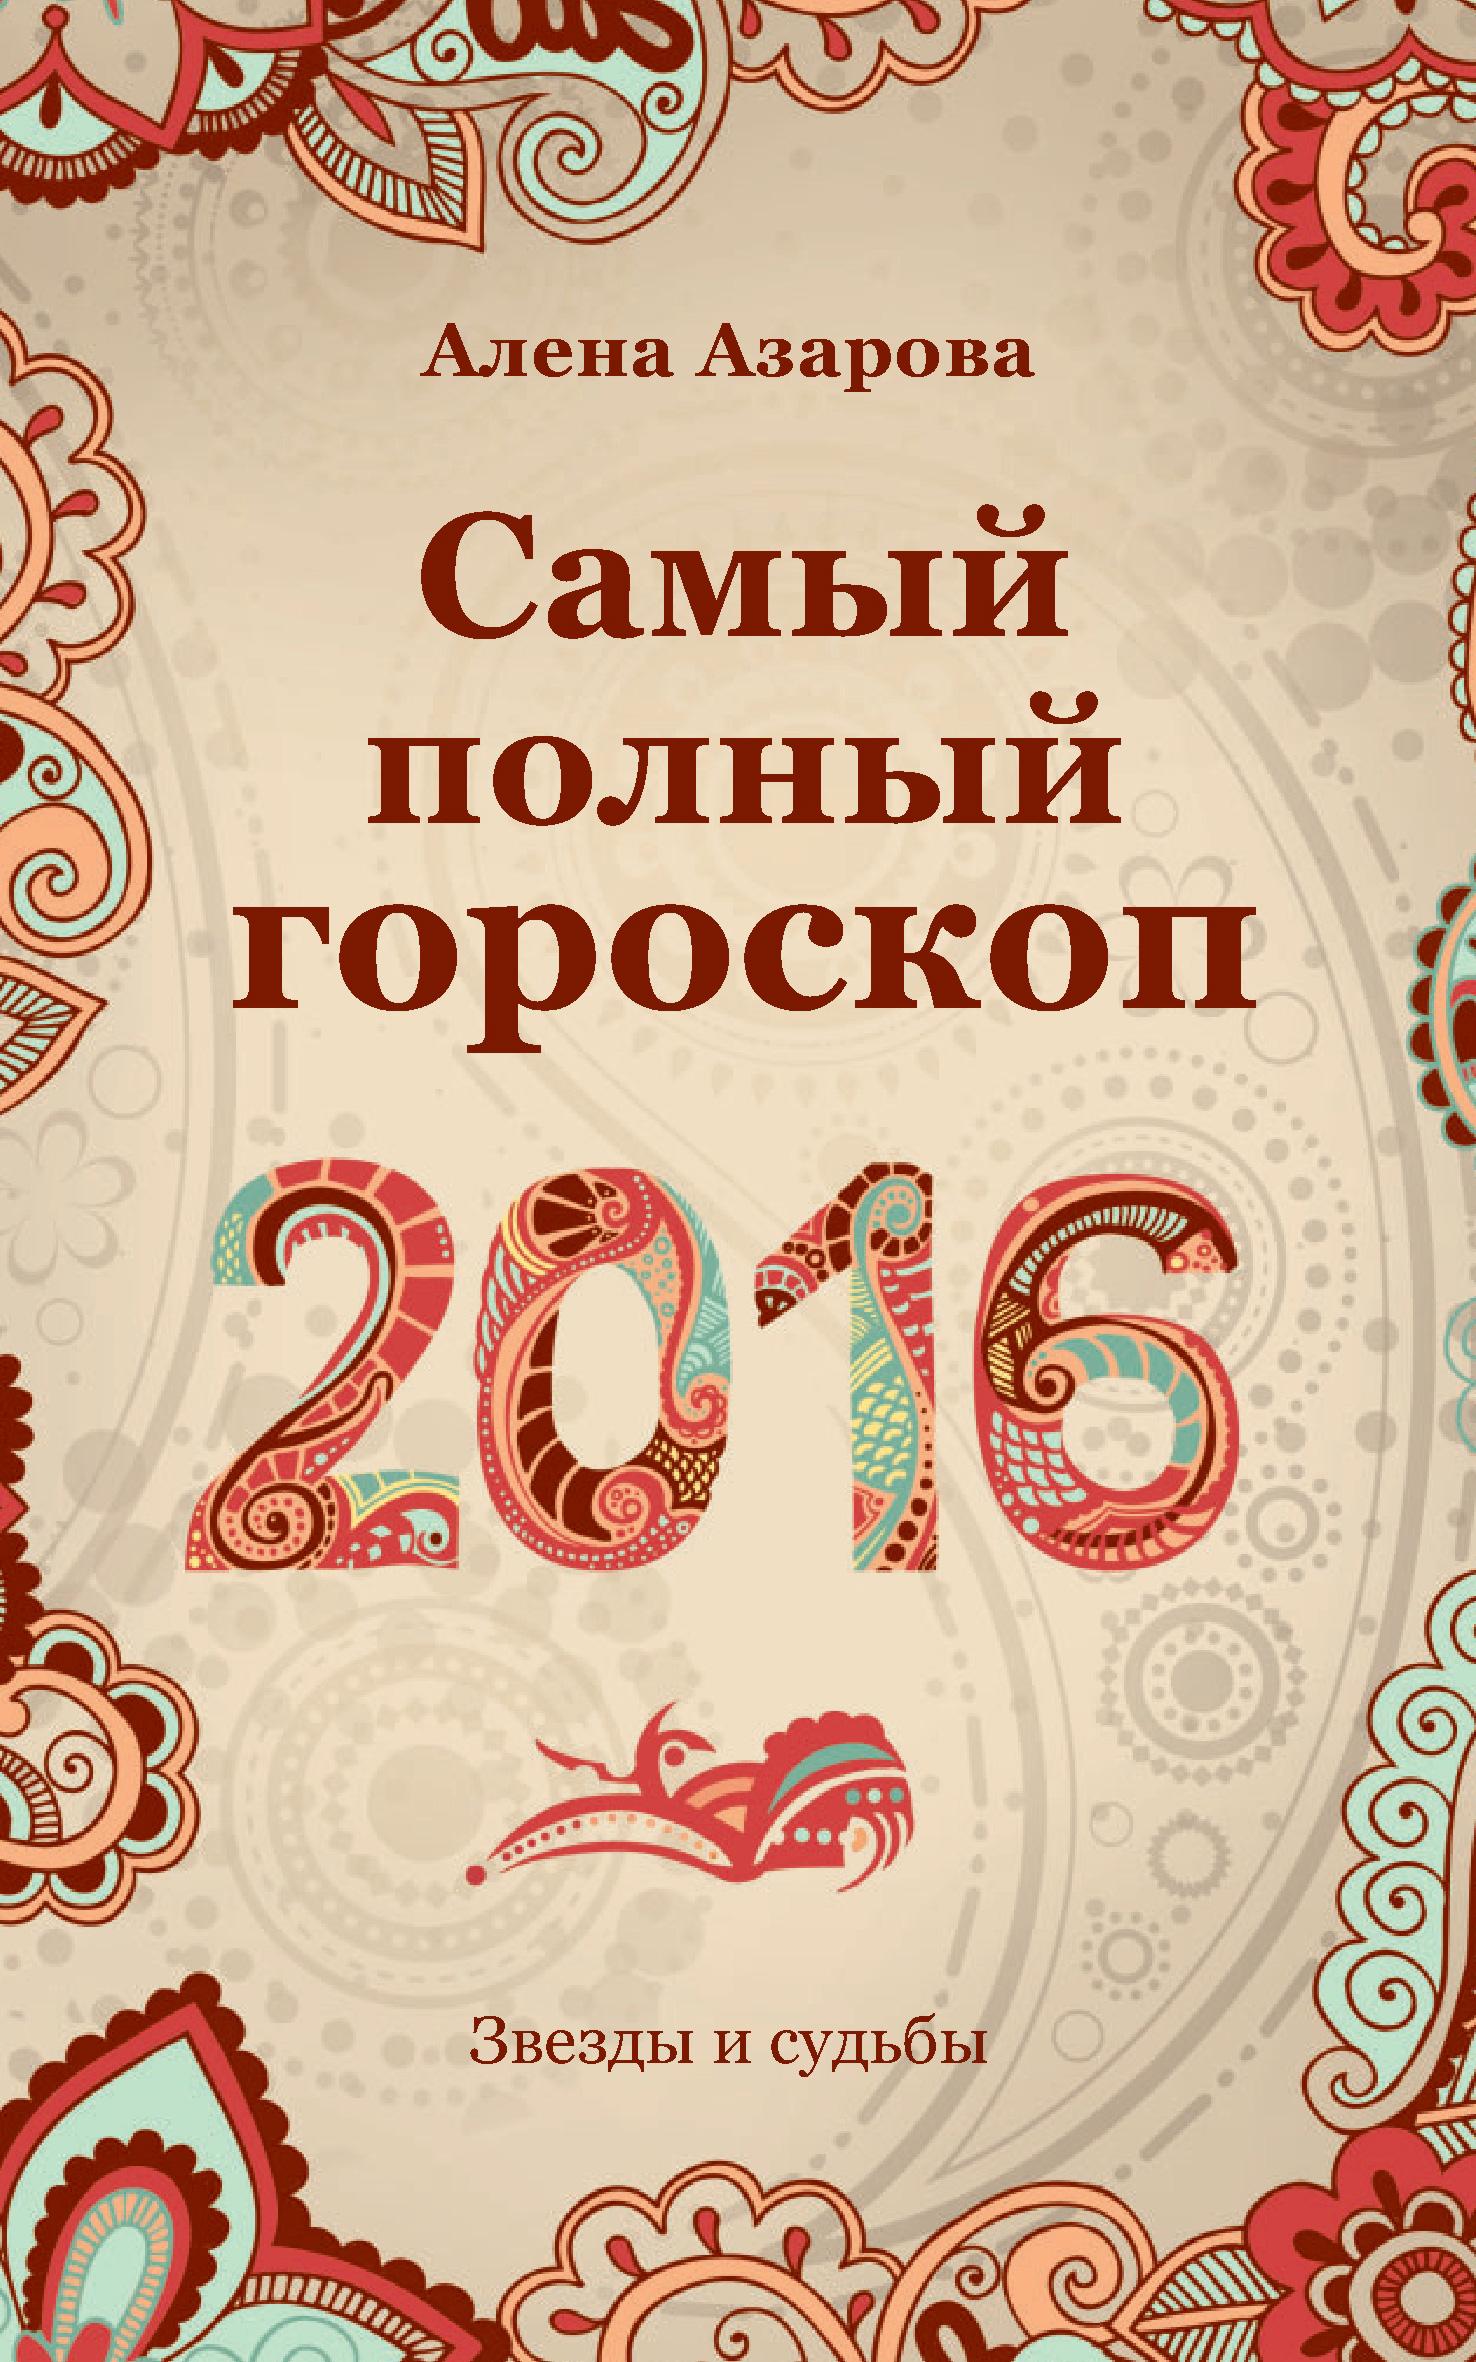 Алена Азарова Самый полный гороскоп 2016 алена азарова прогноз на каждый день 2016 год скорпион